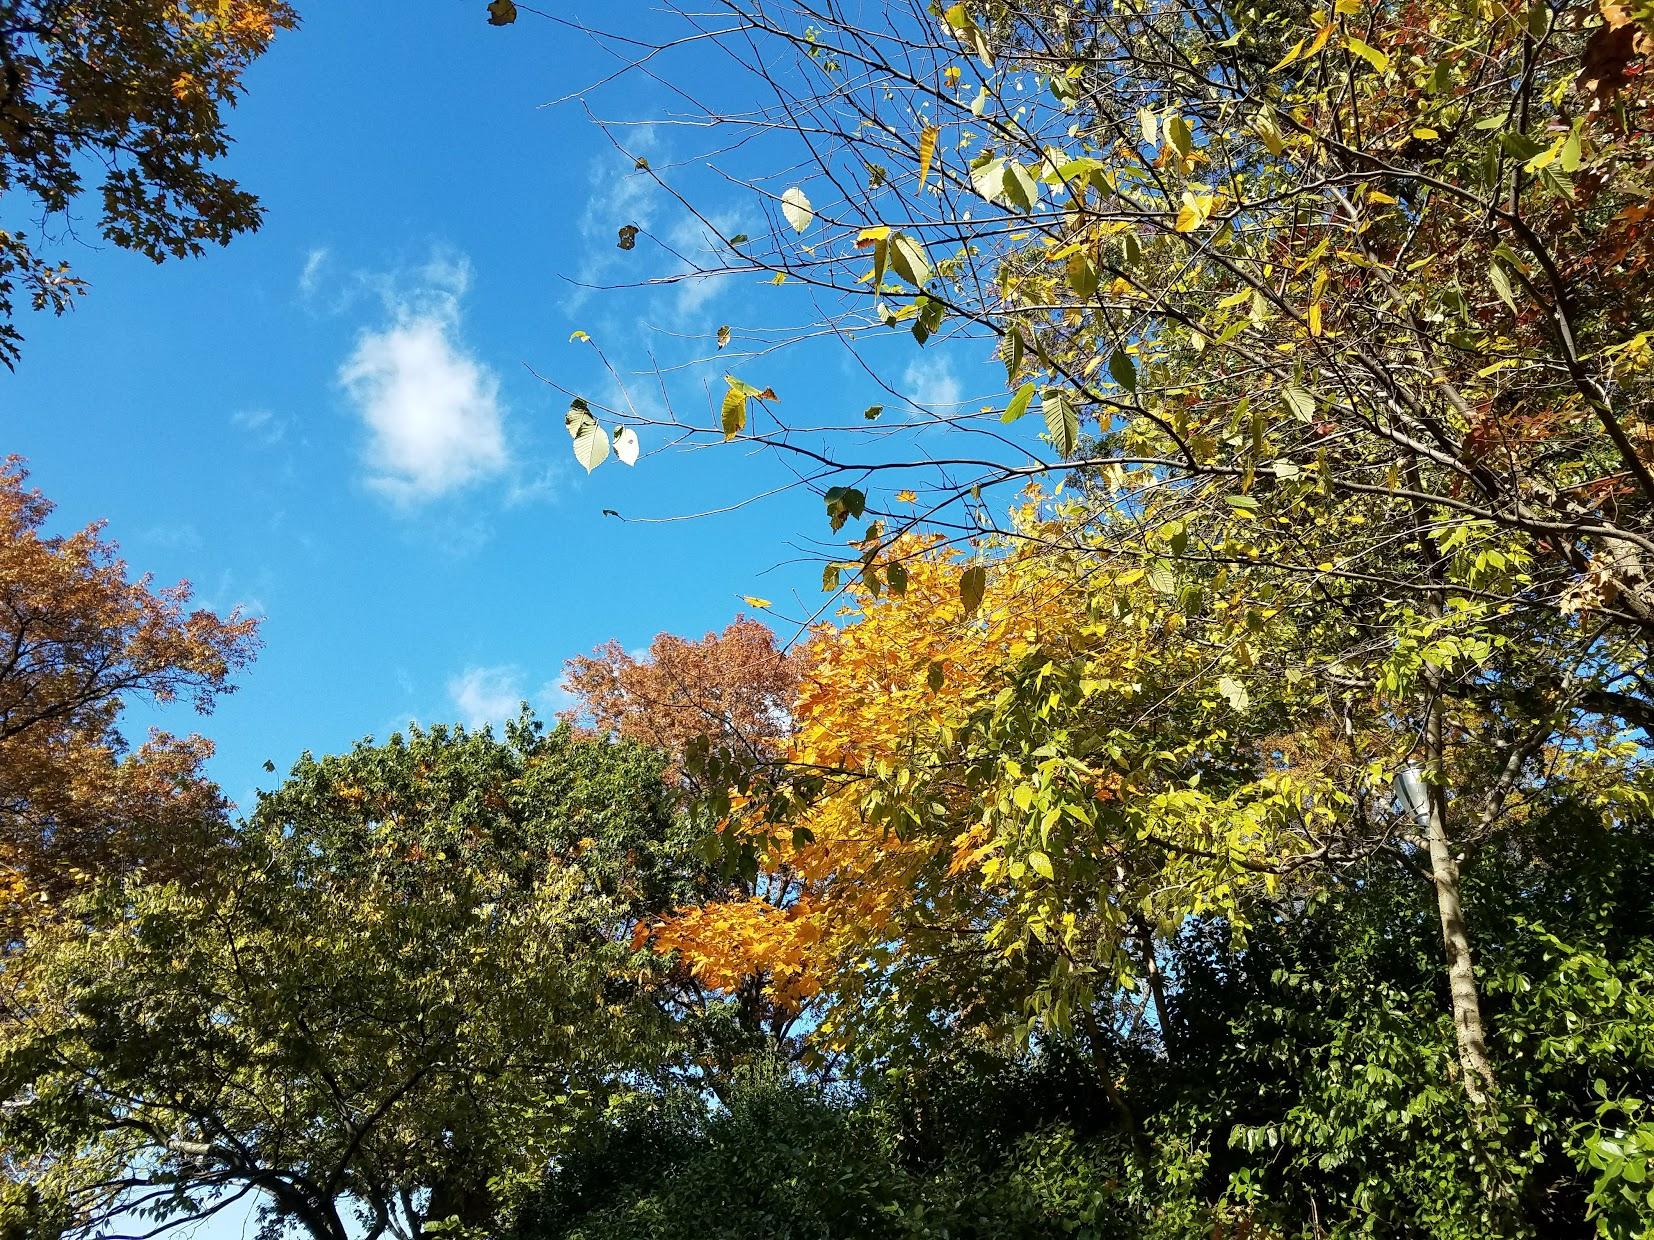 fallfoliagebrooklyn.jpg